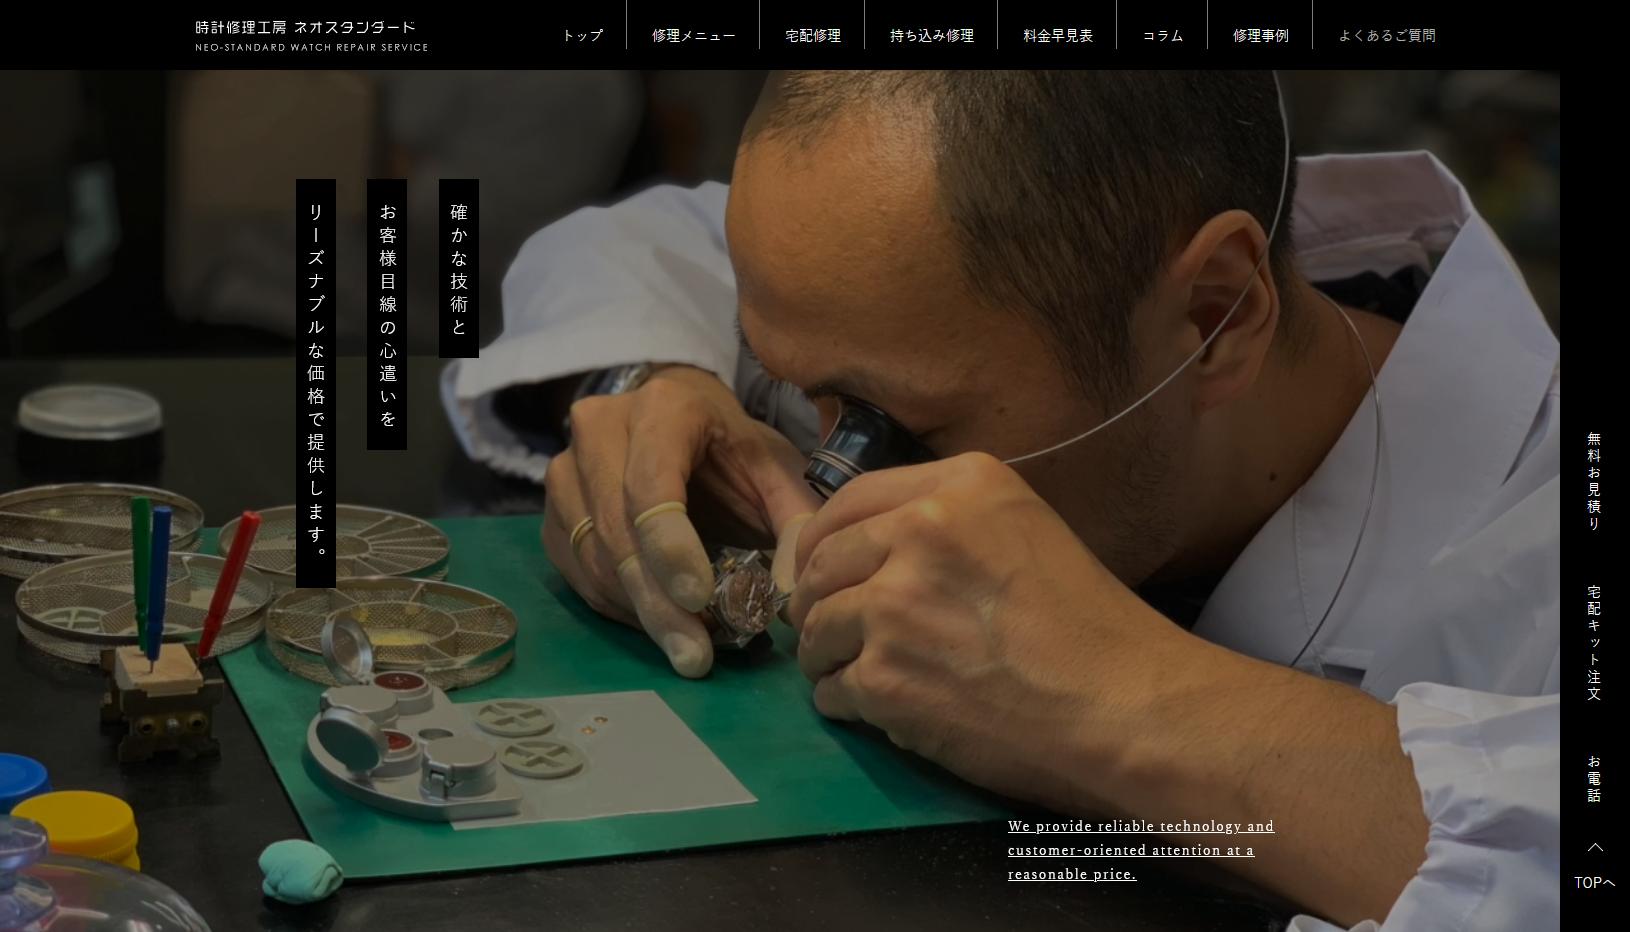 時計修理工房ネオスタンダード - 腕時計の修理・オーバーホール・電池交換